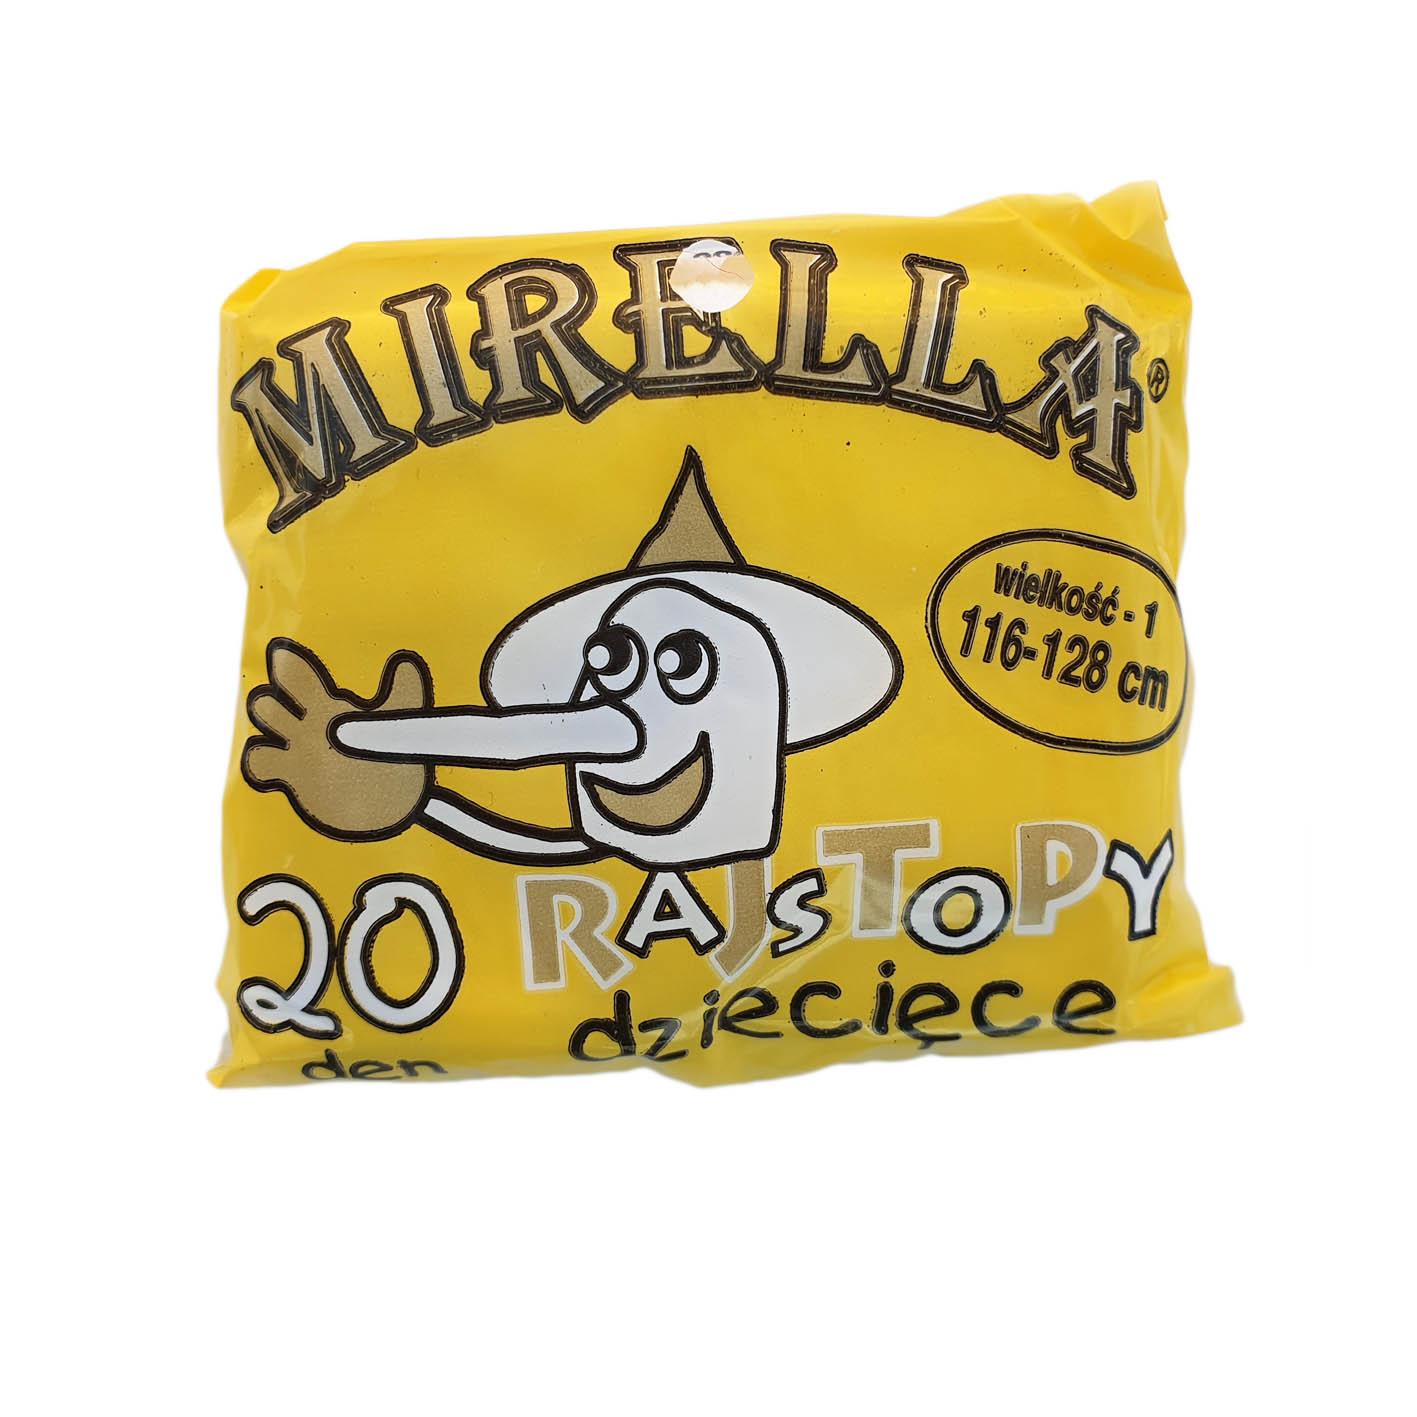 Rajstopy dziecięce poliamid 116-128 Mirella